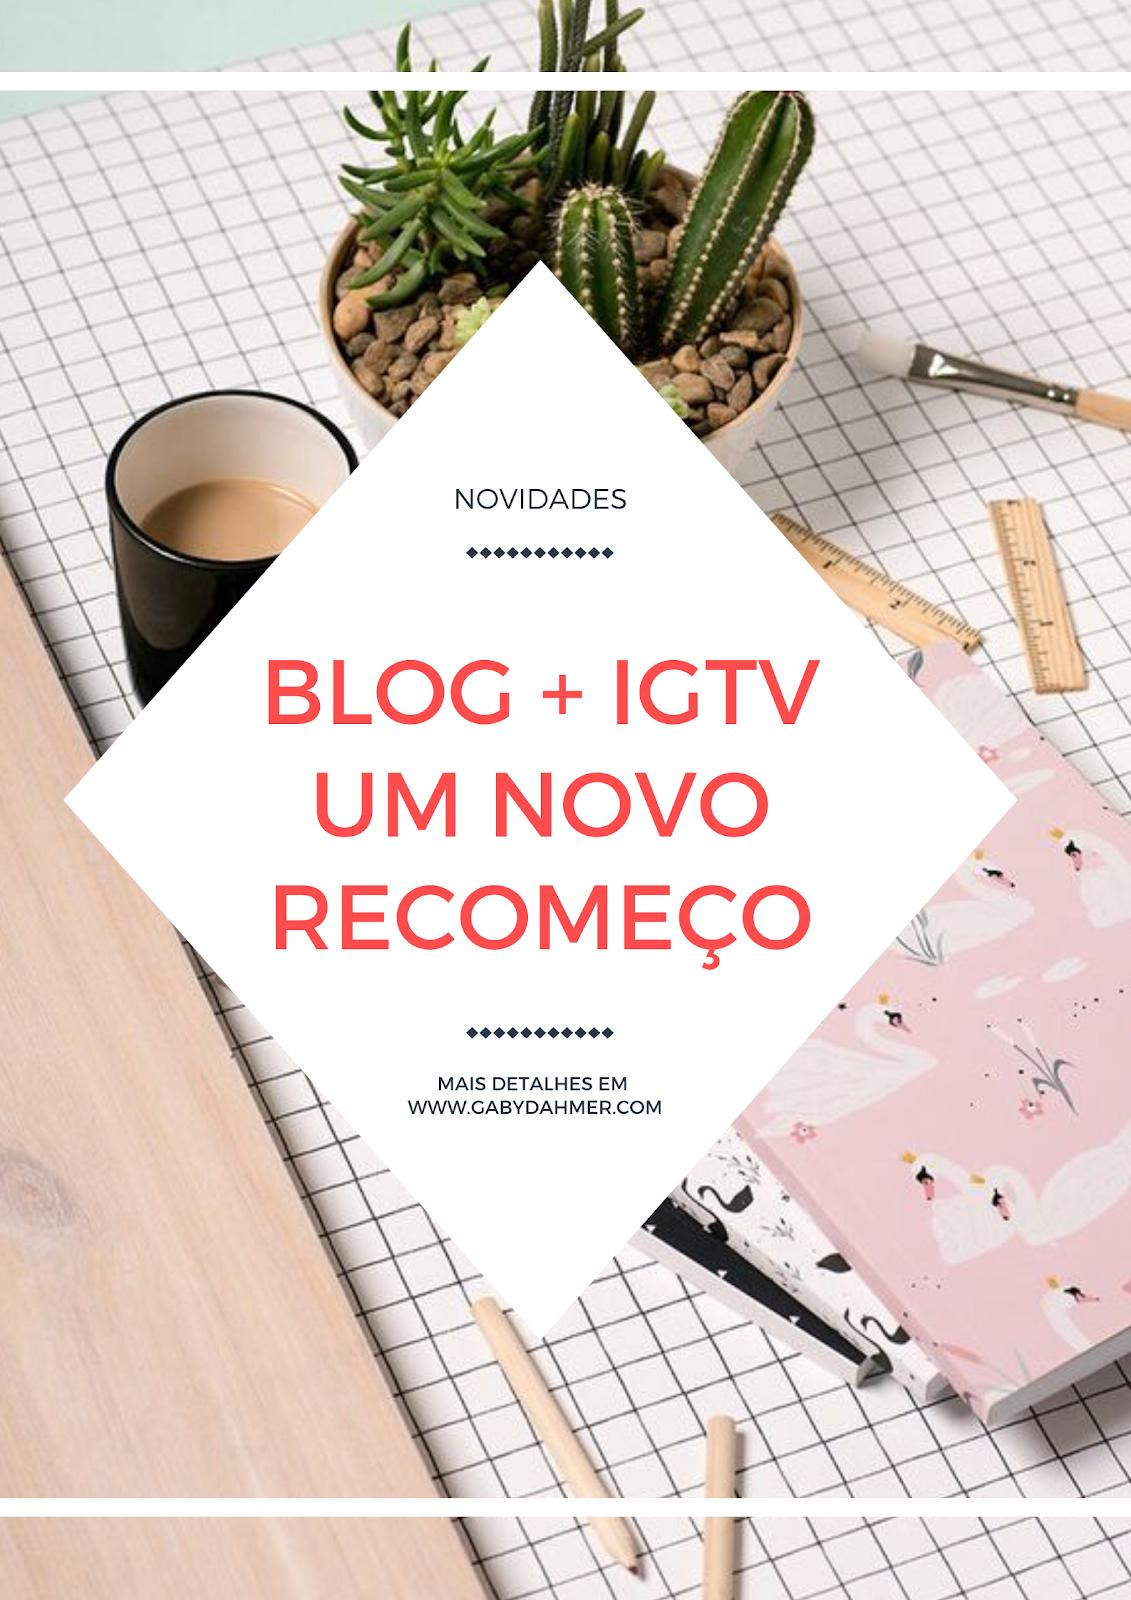 Voltamos com novidades! Posts interativos entre blog e IGTV.